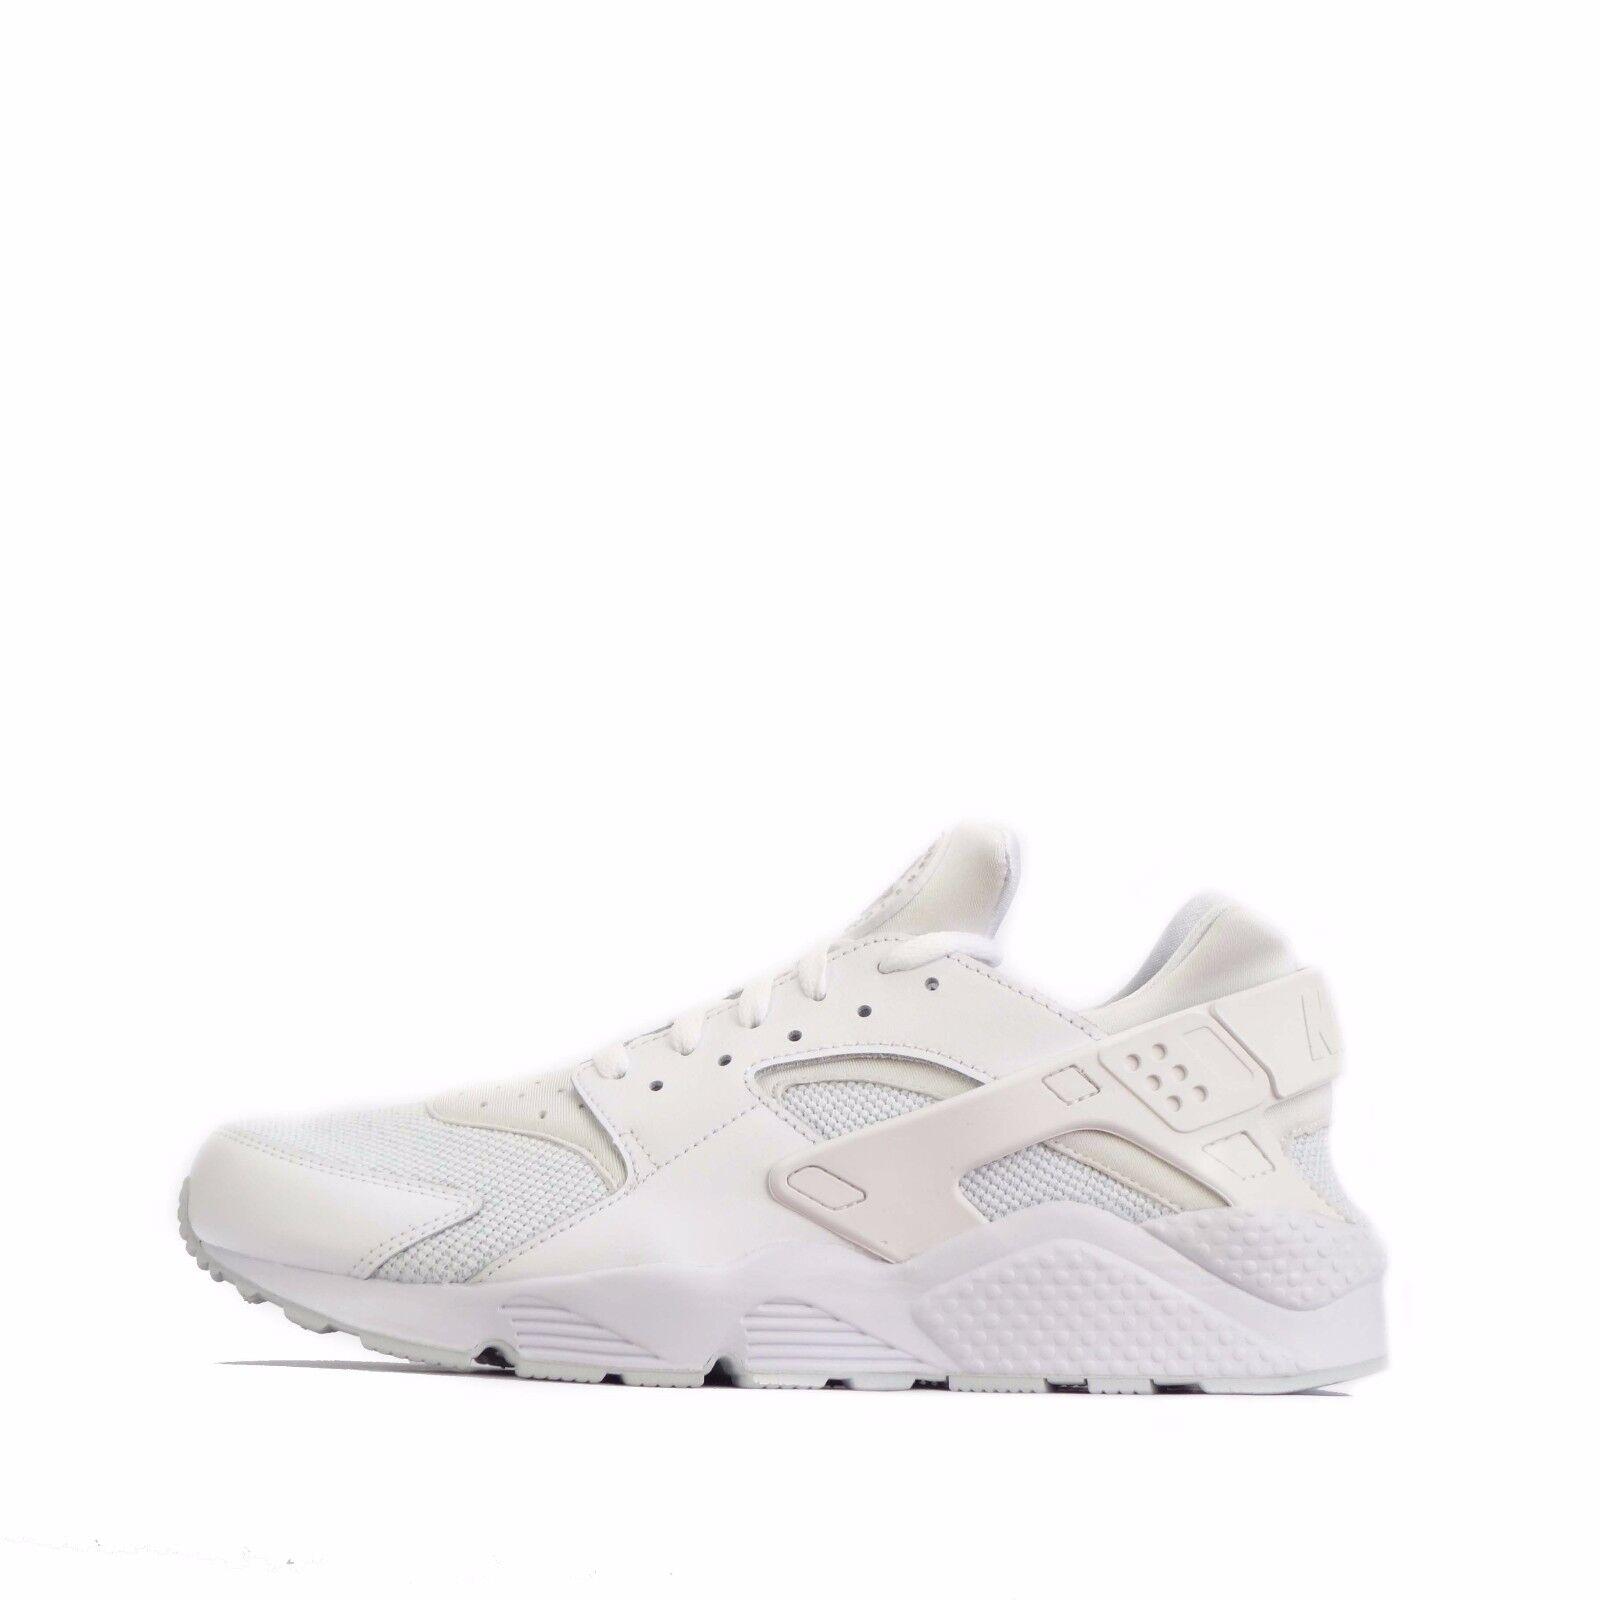 Nike uomo air huarache scarpe da uomo Nike bianco / di puro platino 954e07